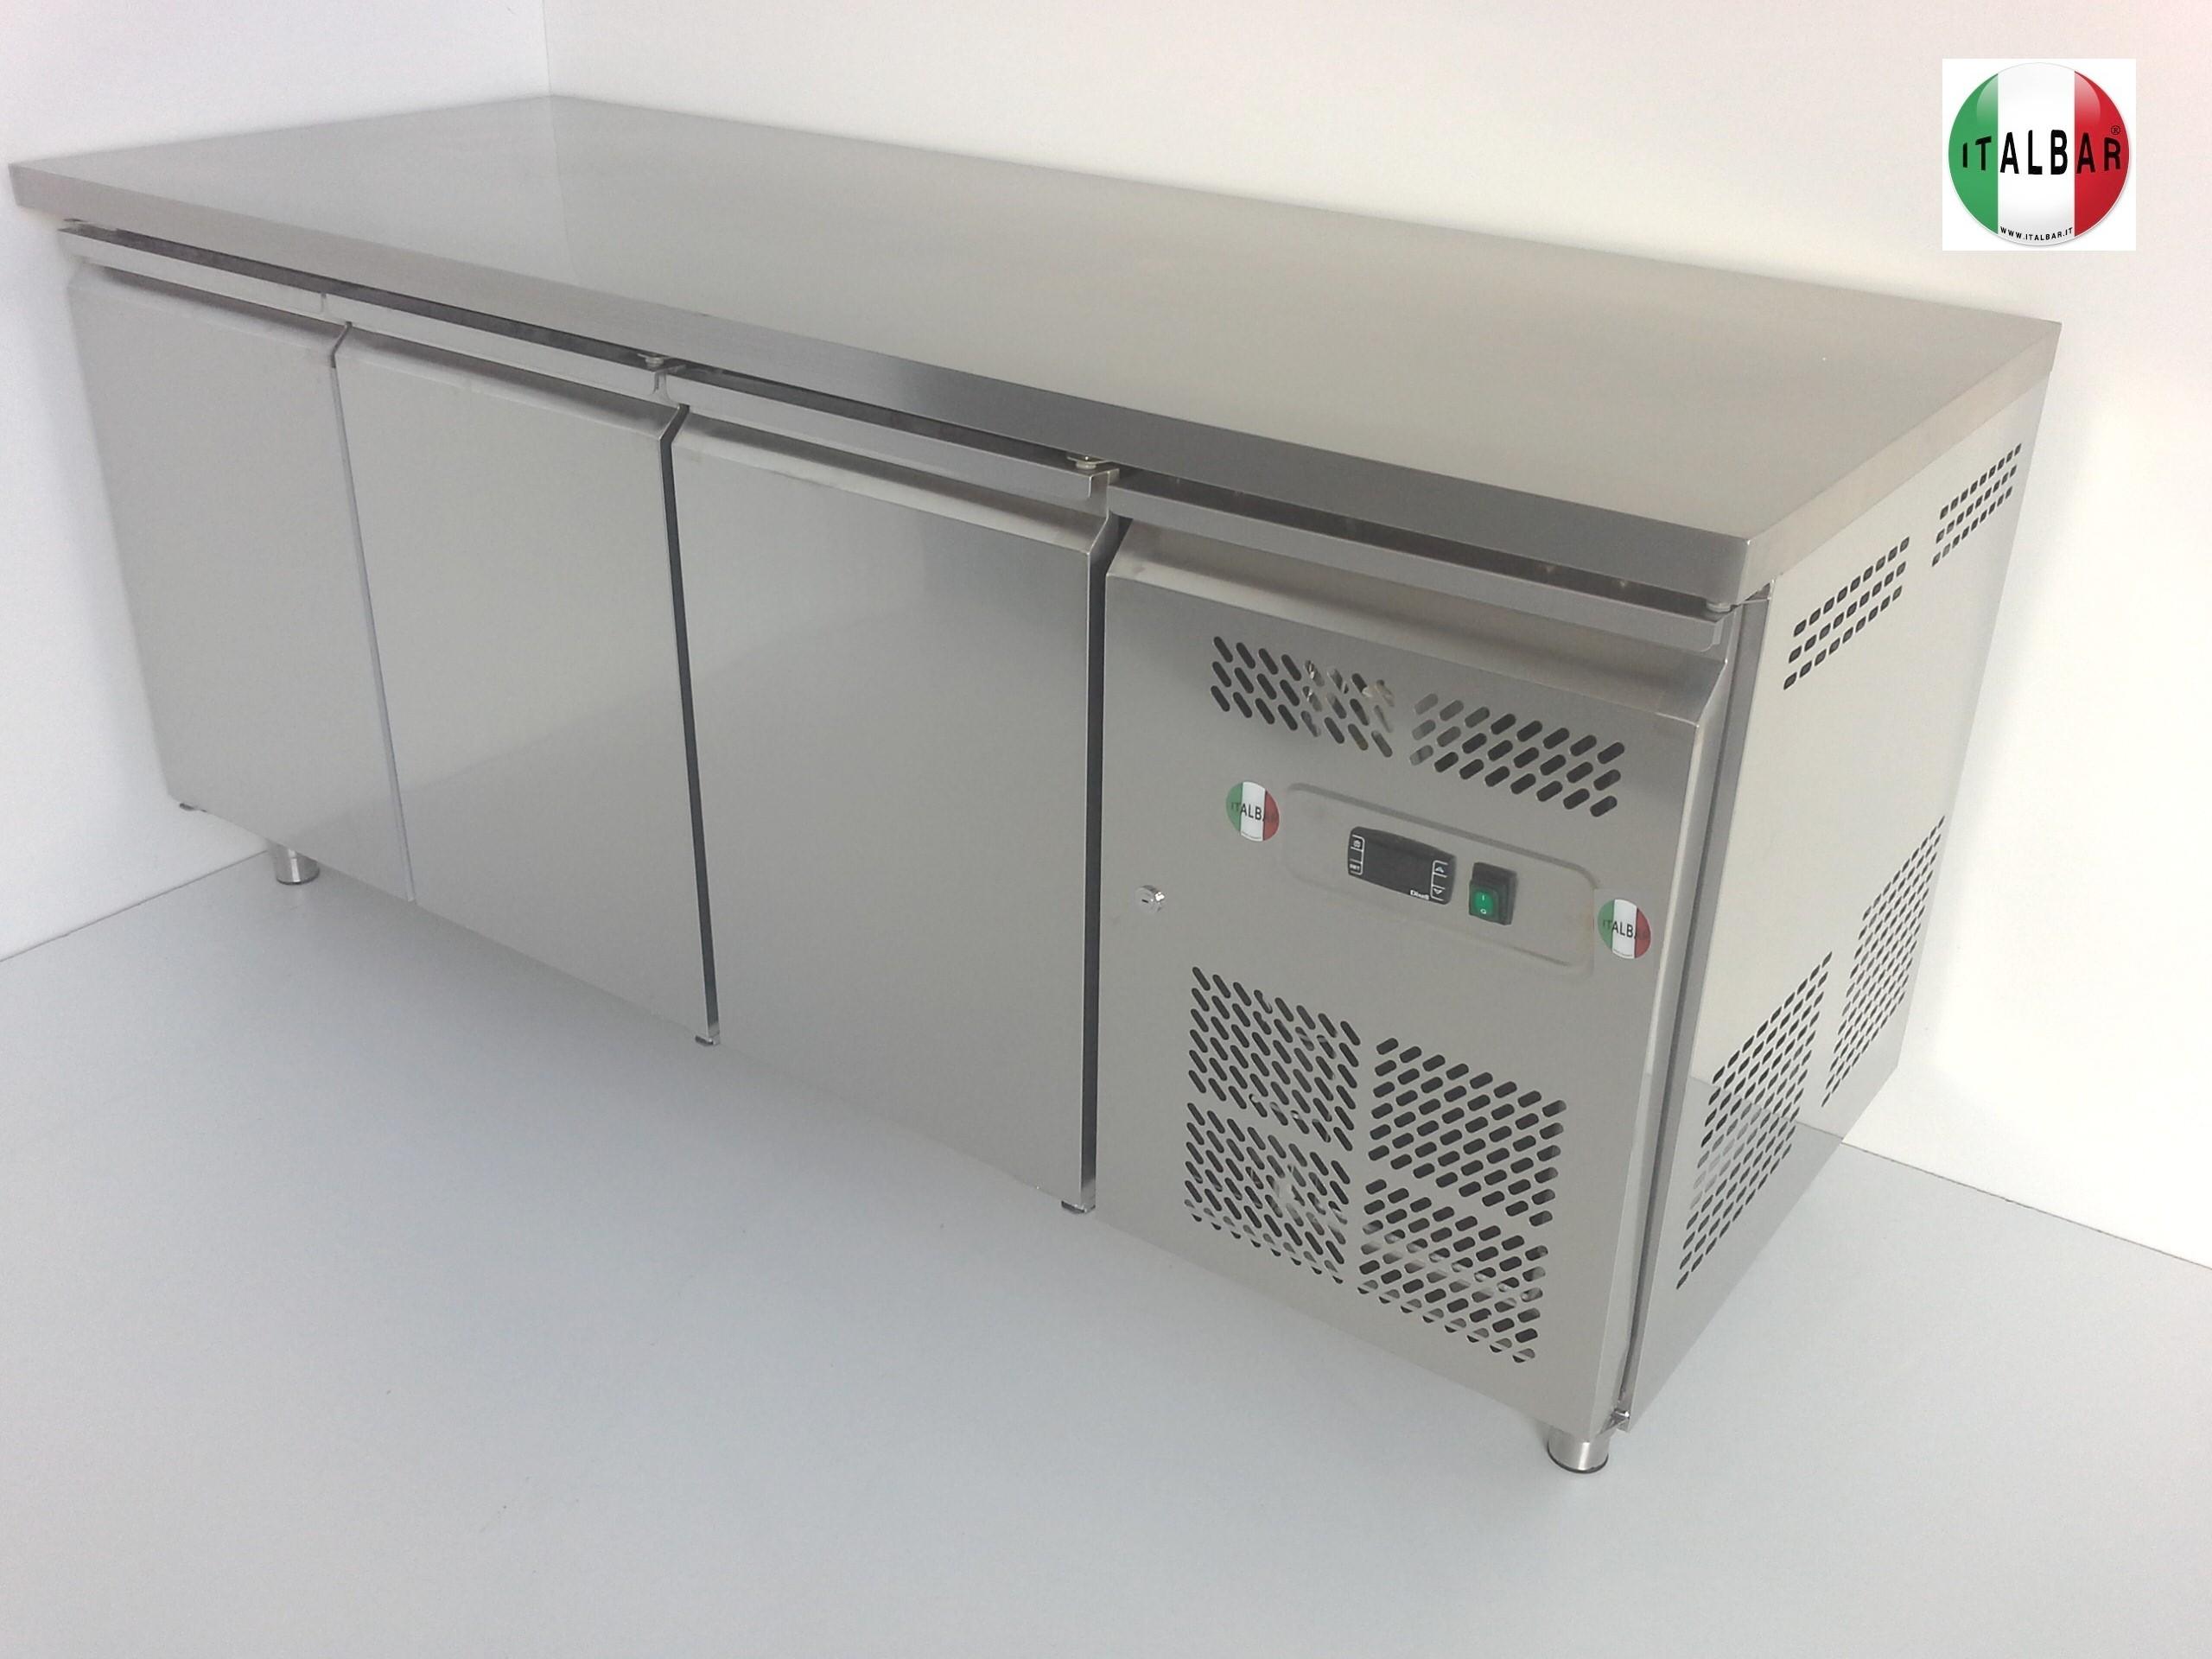 Tavoli Refrigerati 3 porte, cm.180: OGGI €.800